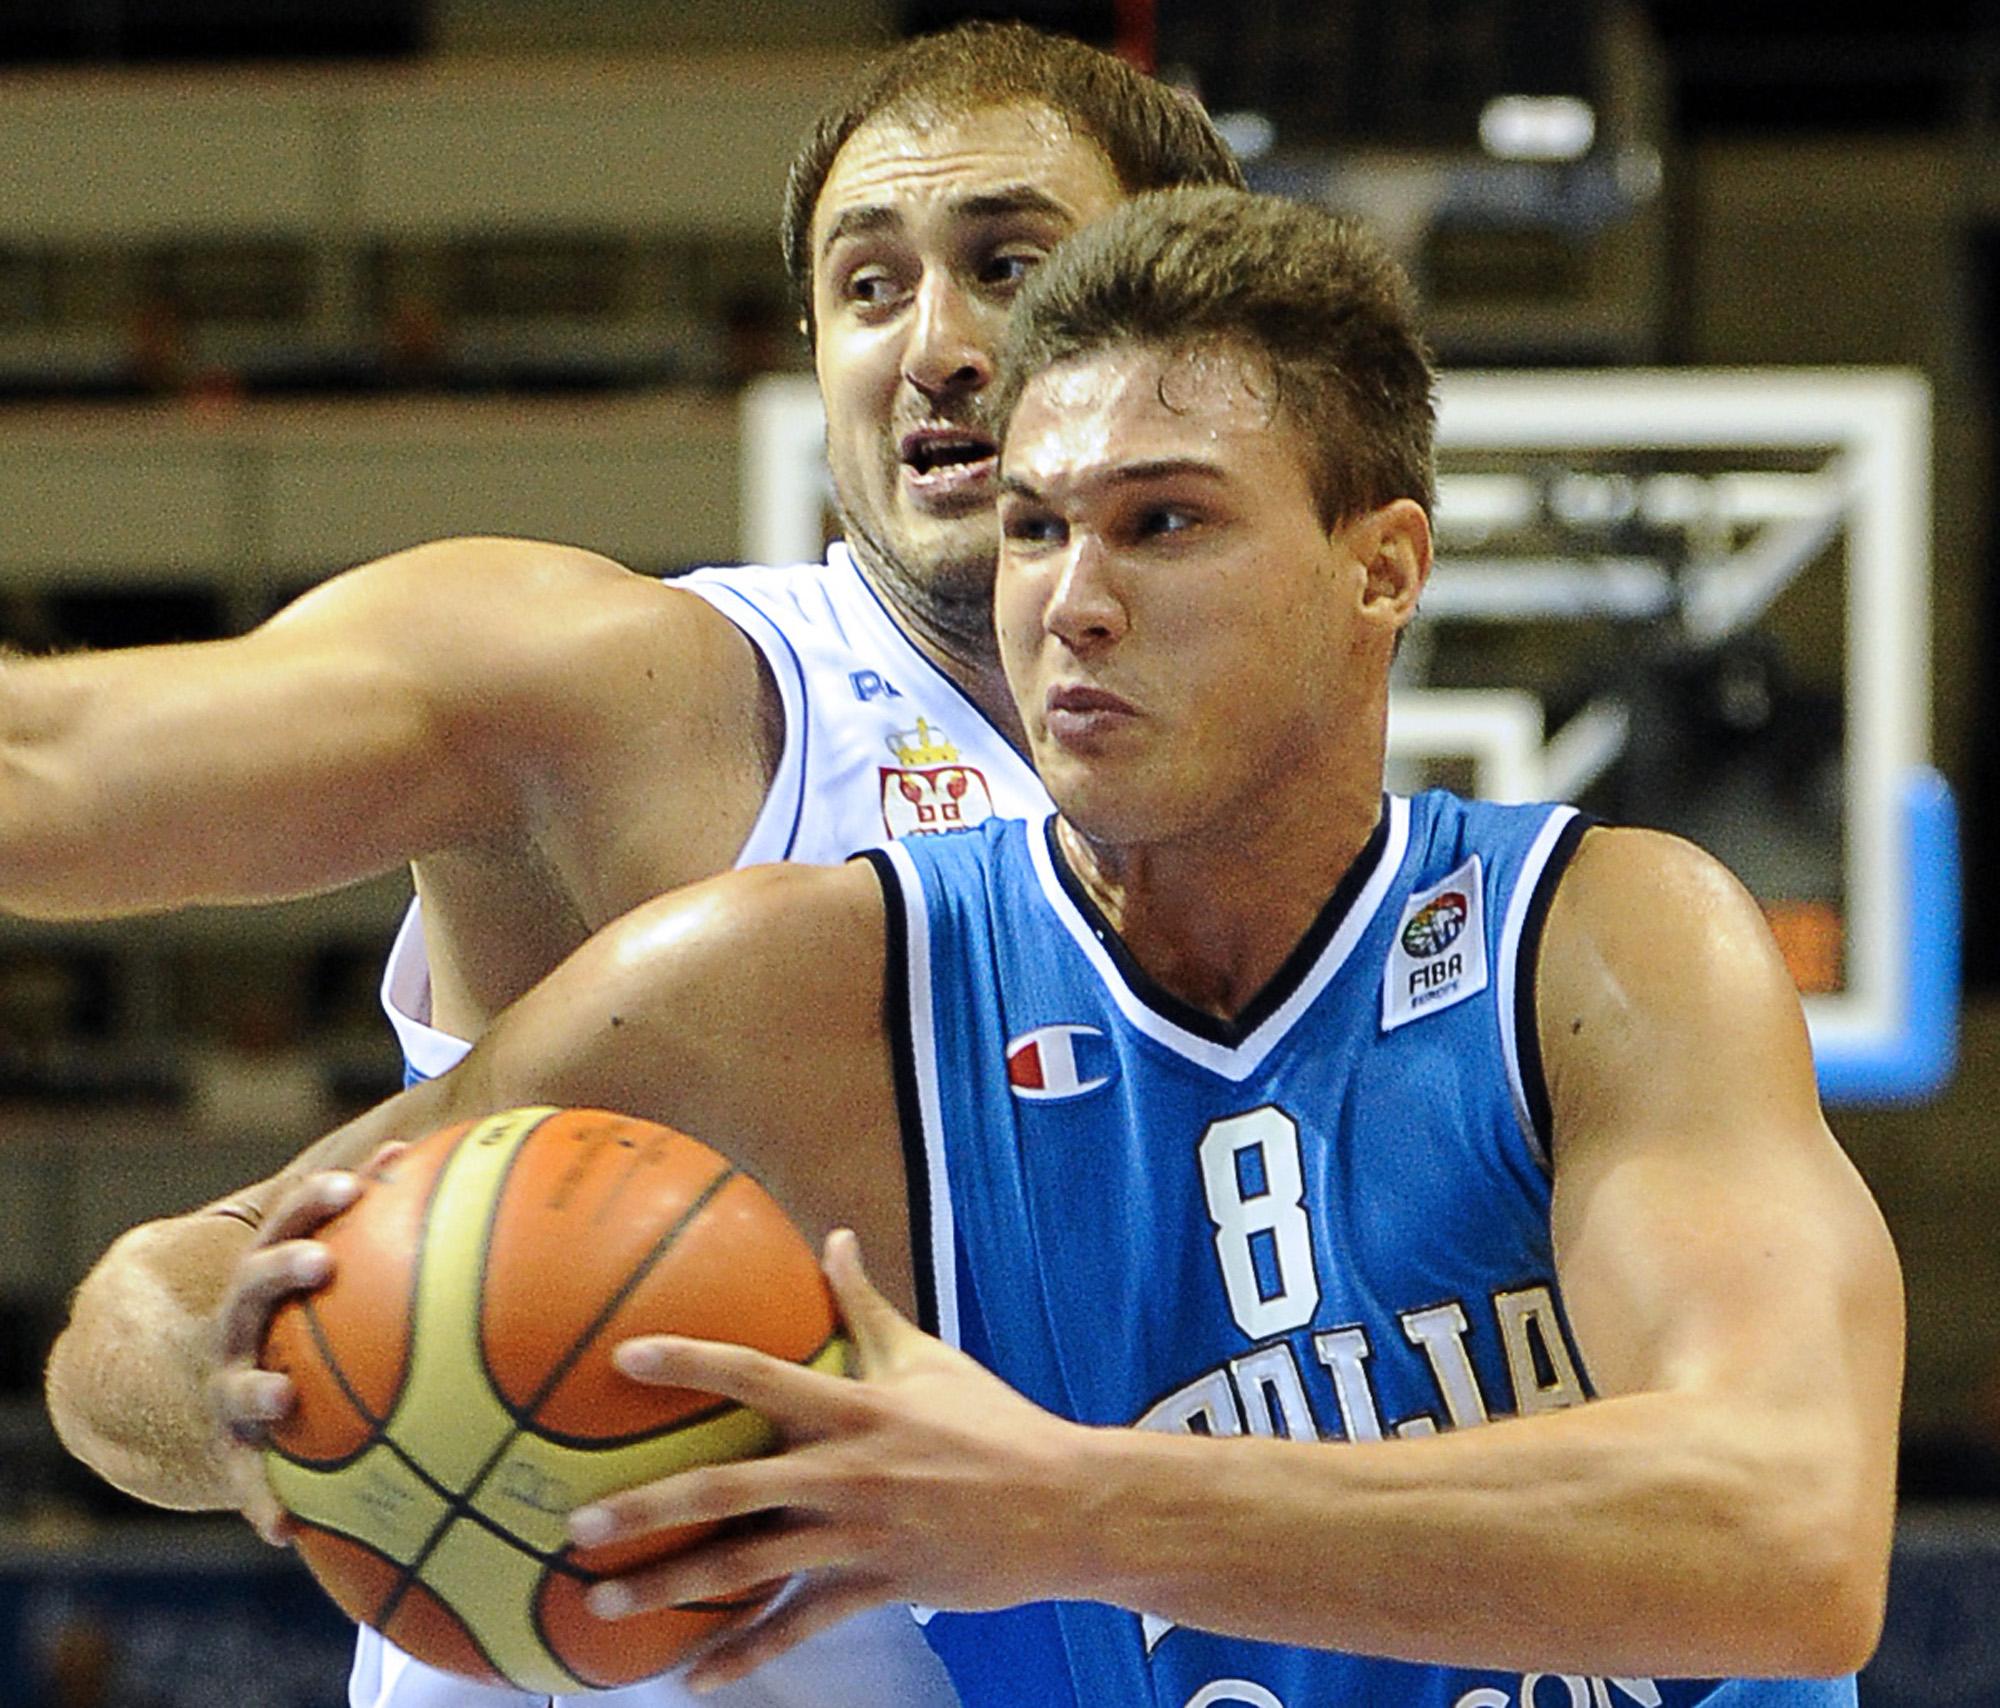 Italy's Danilo Gallinari (R) vies with S